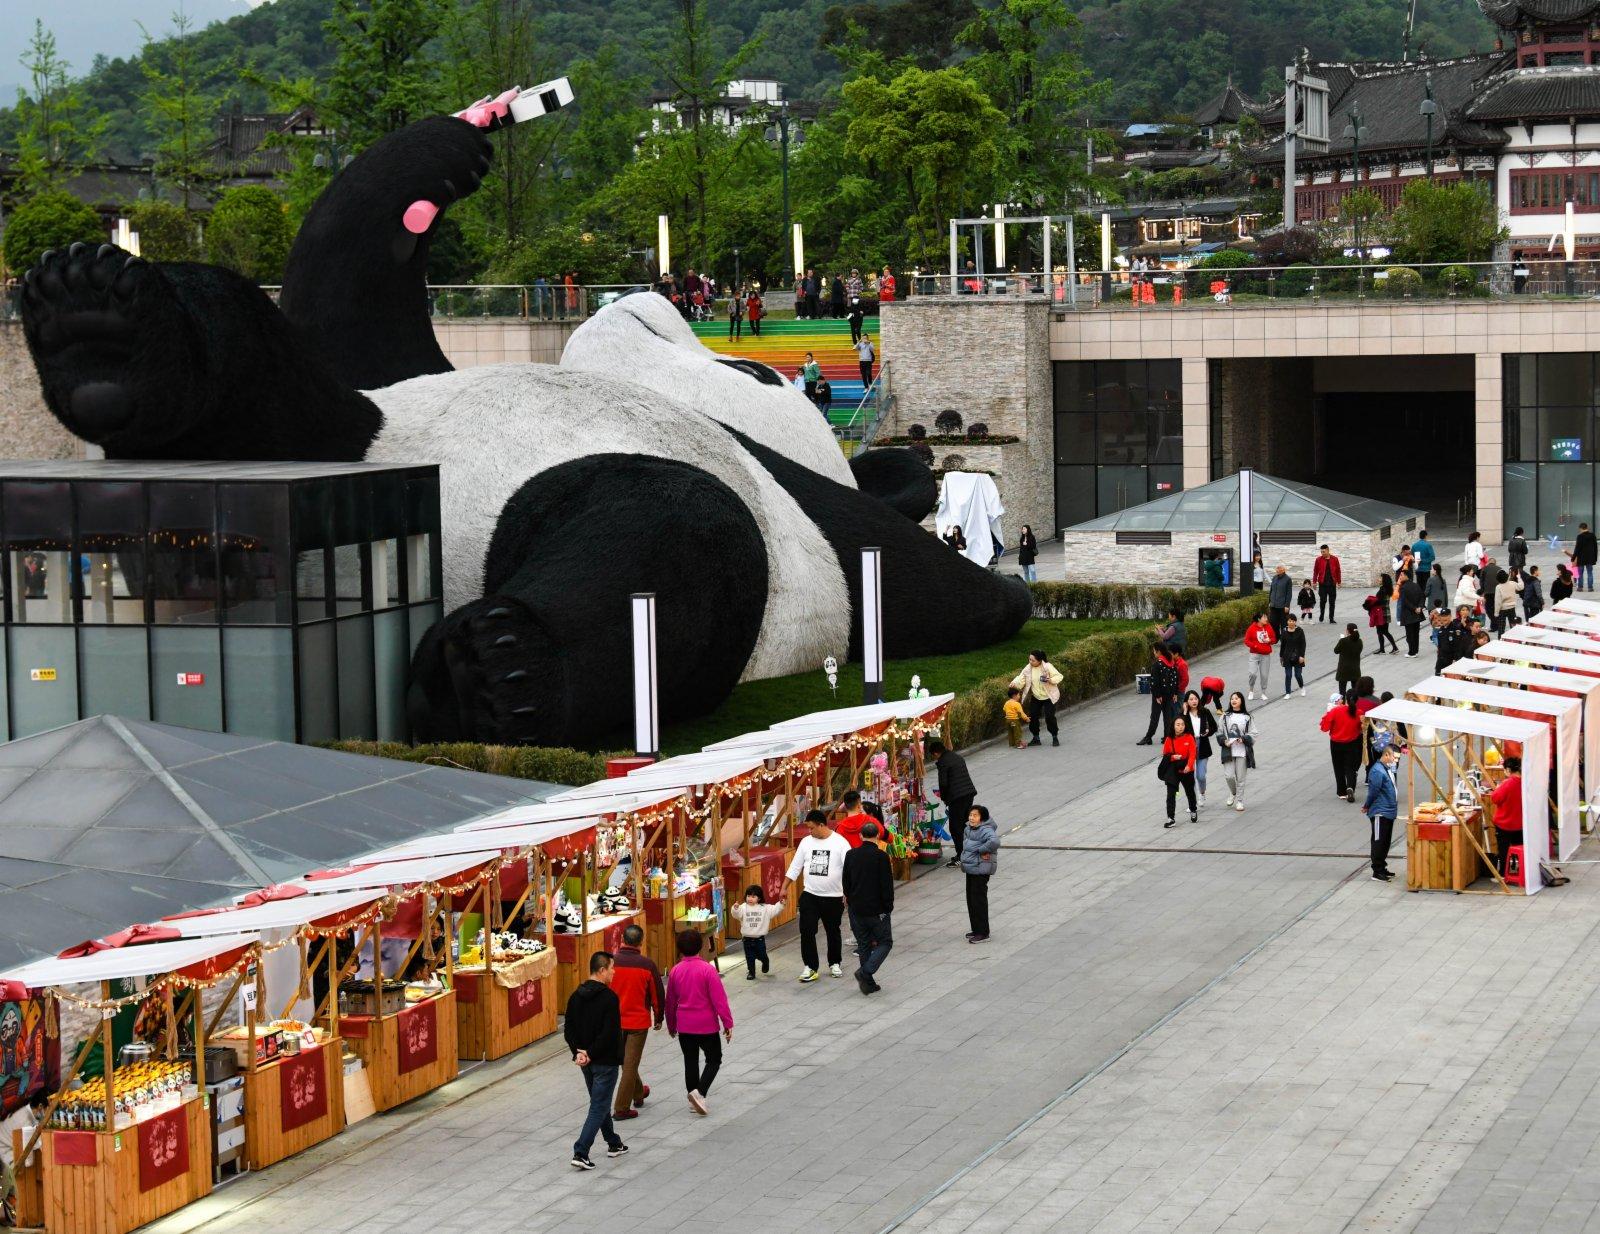 4月7日,在四川省都江堰市仰天窩廣場,遊客在「自拍熊貓」雕塑旁邊的文創集市消費。(新華社)